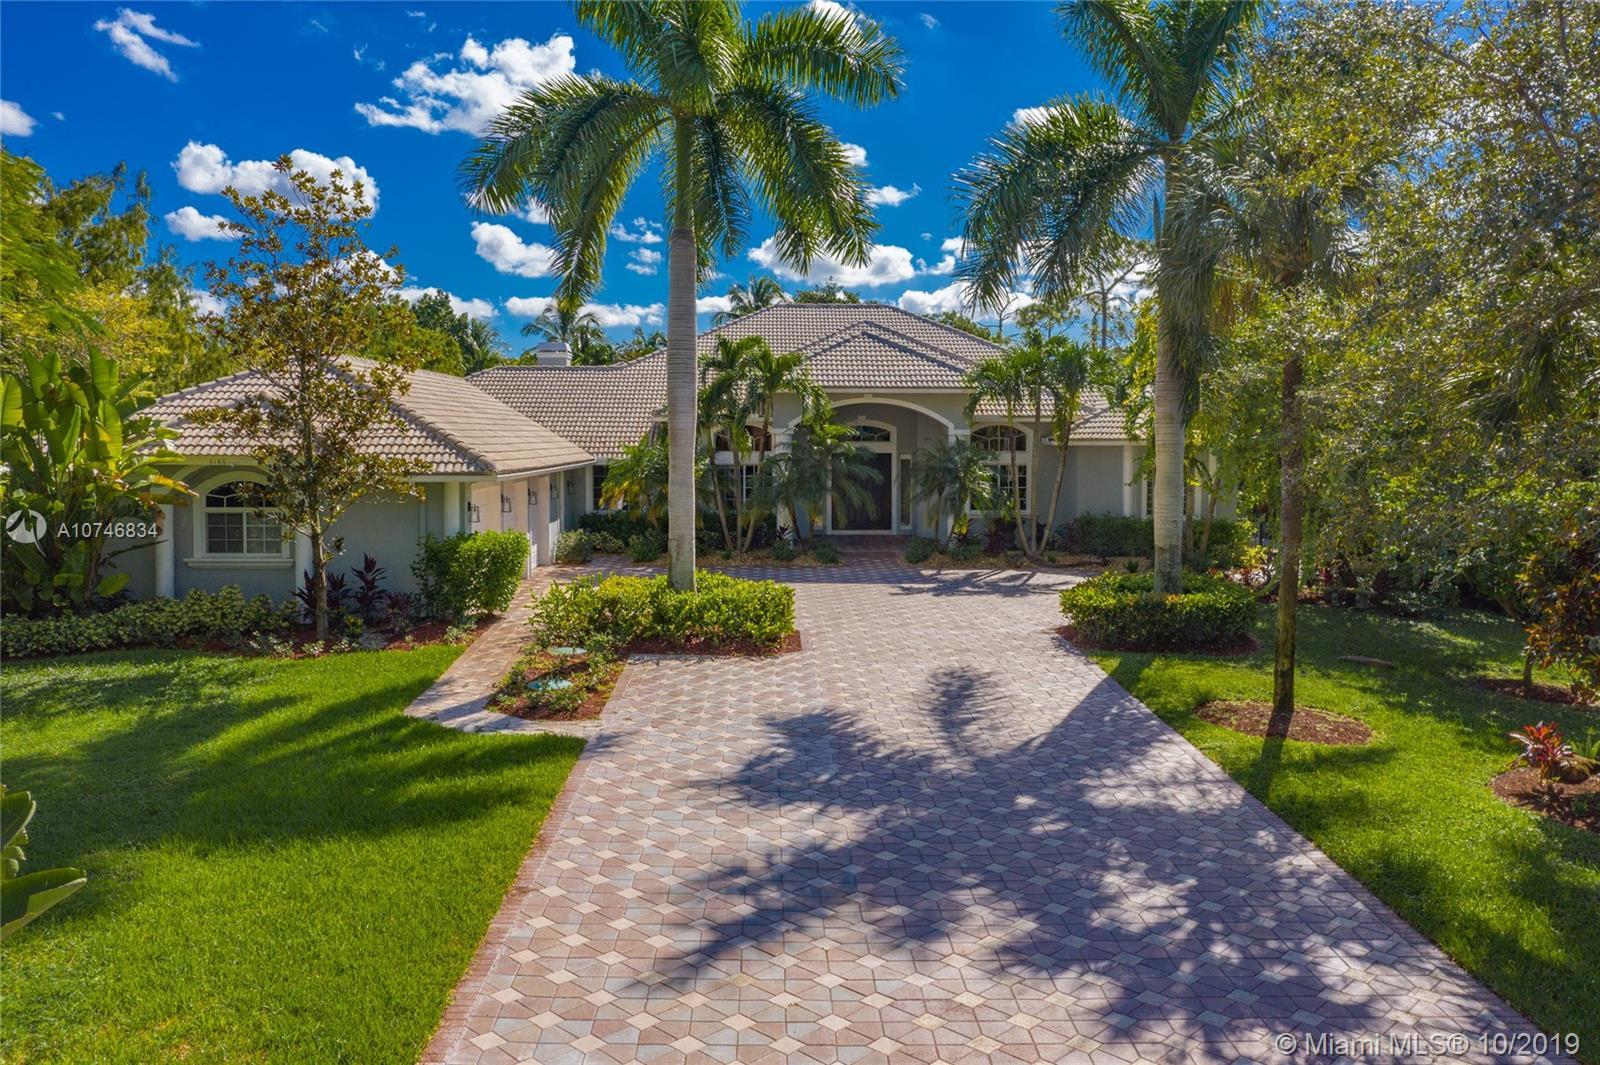 6186 NW 63rd Way - Parkland, Florida